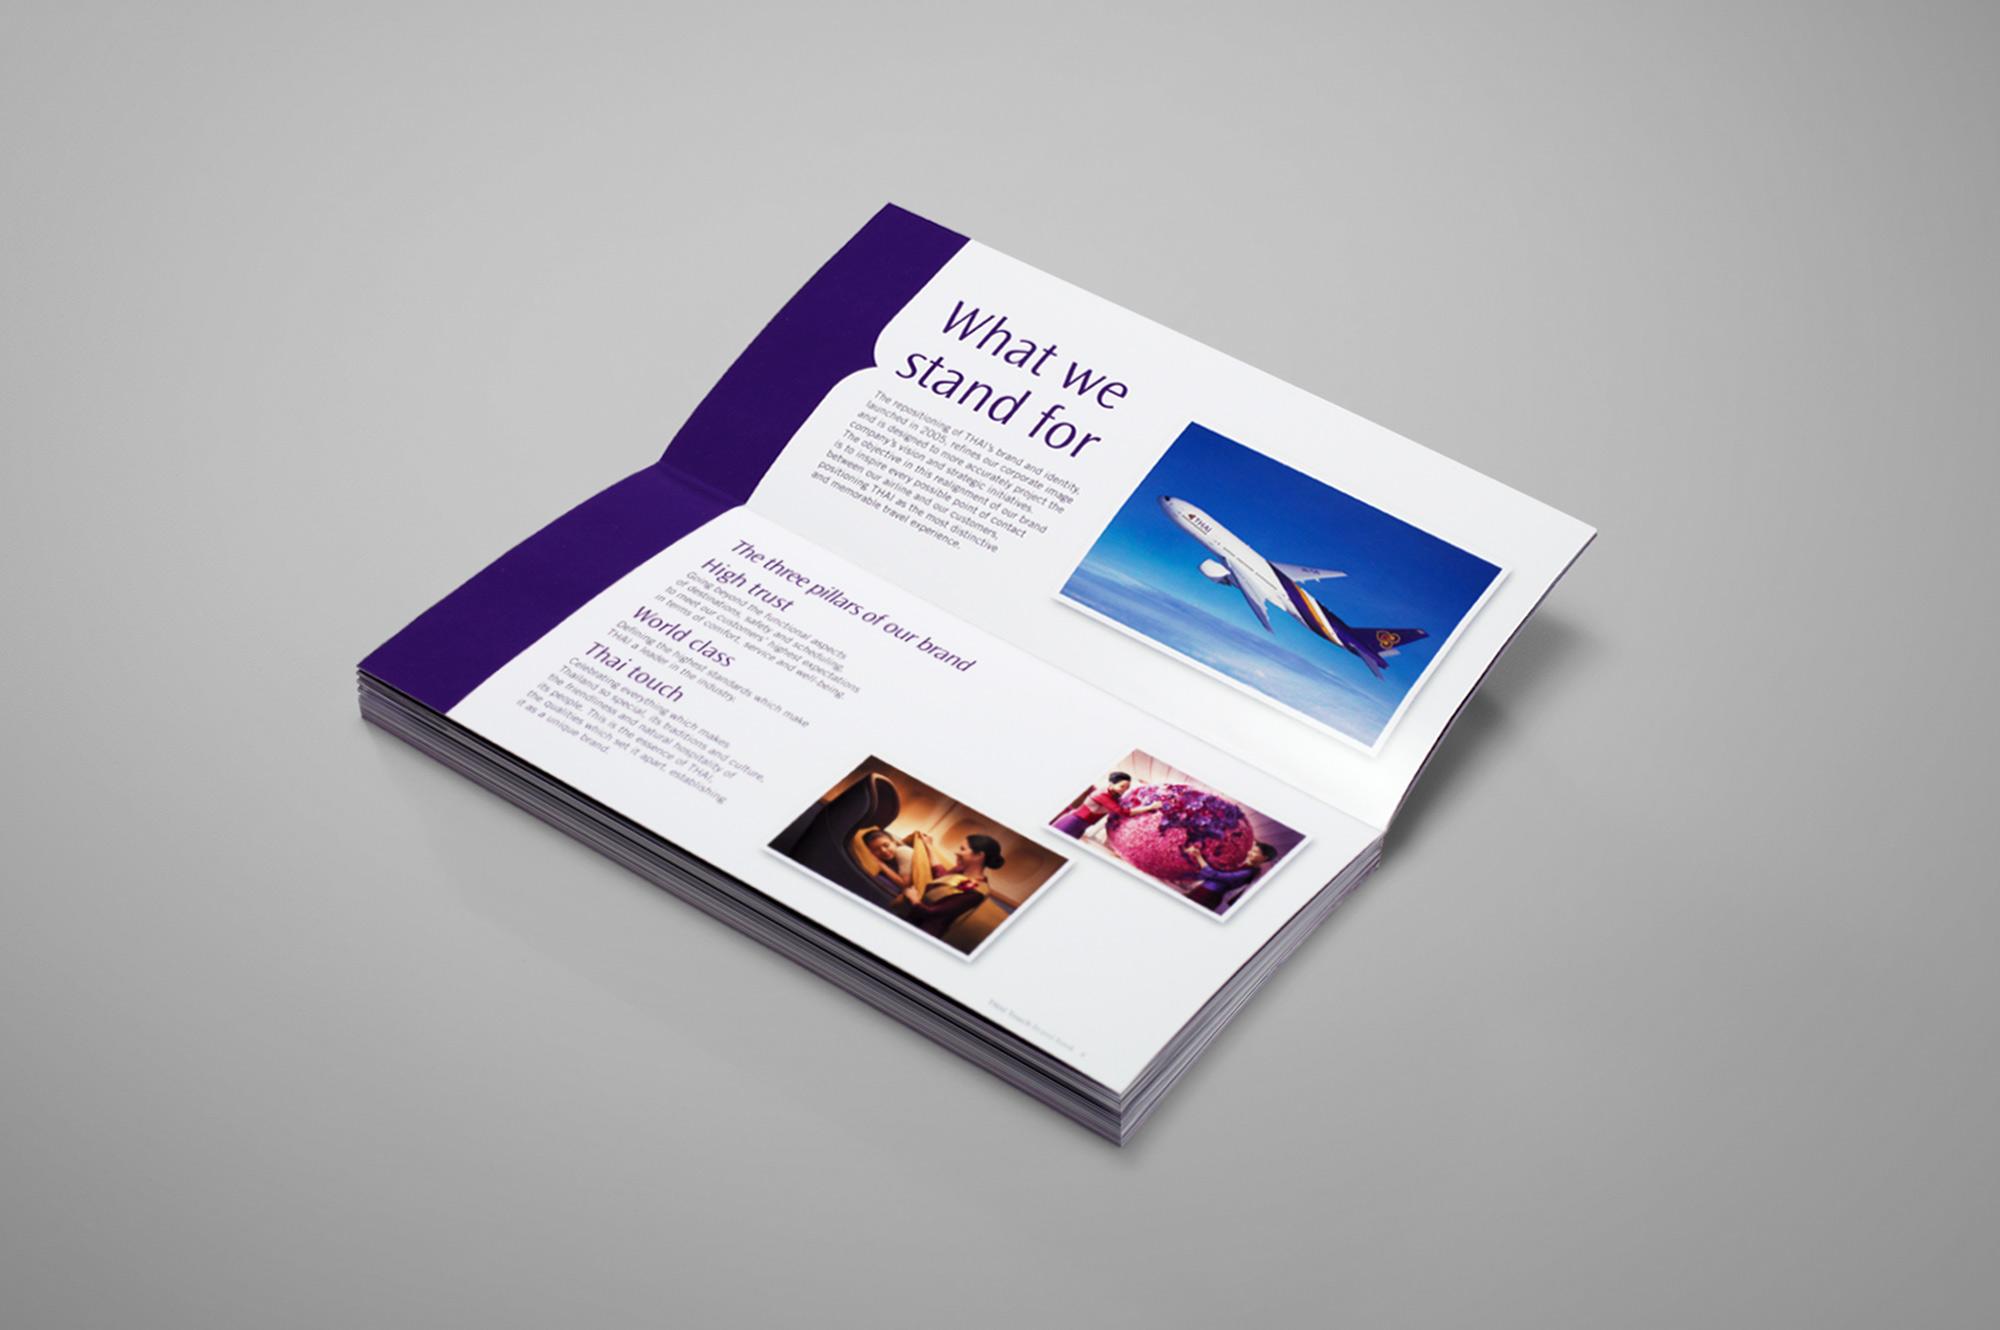 Thai Airways Brand Book Layout